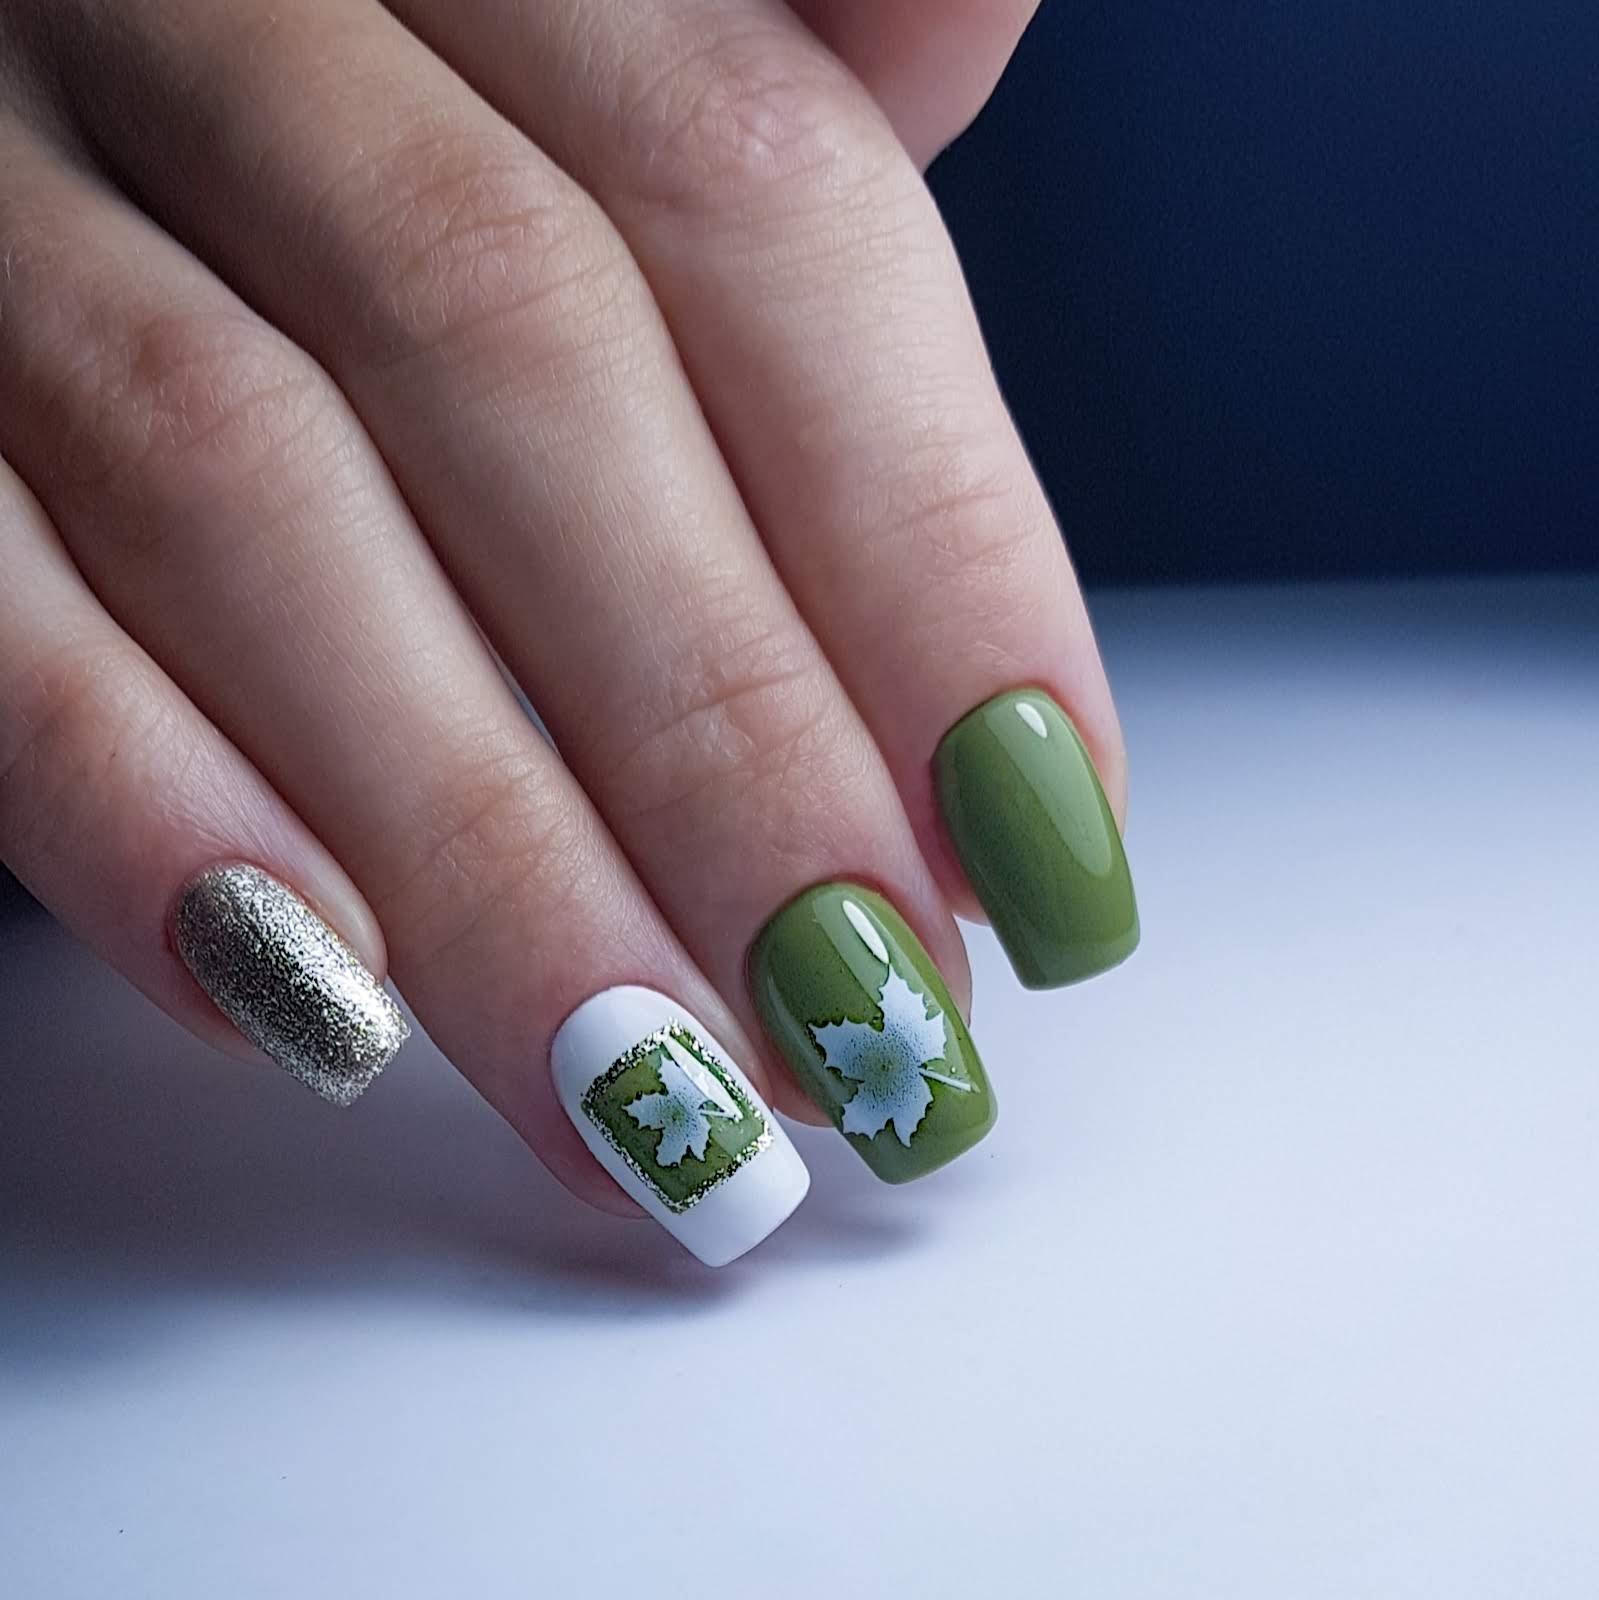 Маникюр с кленовым листом и золотыми блестками в зеленом цвете.